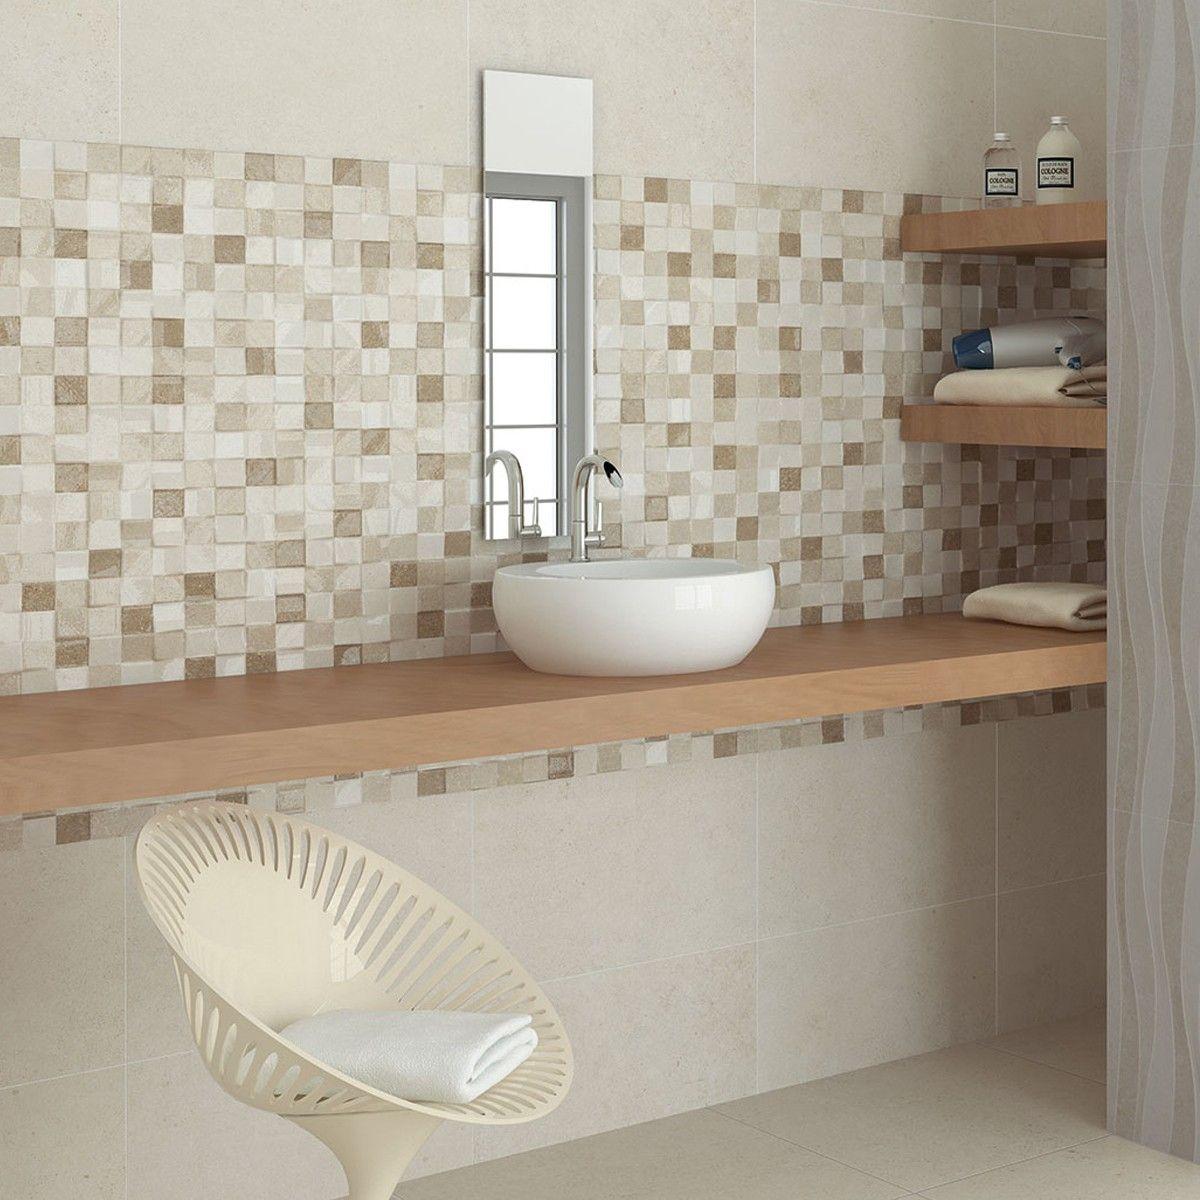 Best Kitchen Gallery: 55x33 3 Adelaide Beige Mosaic Bathroom Wall Tiles Wall Tiles of Mosaic Bathroom Tile Designs  on rachelxblog.com